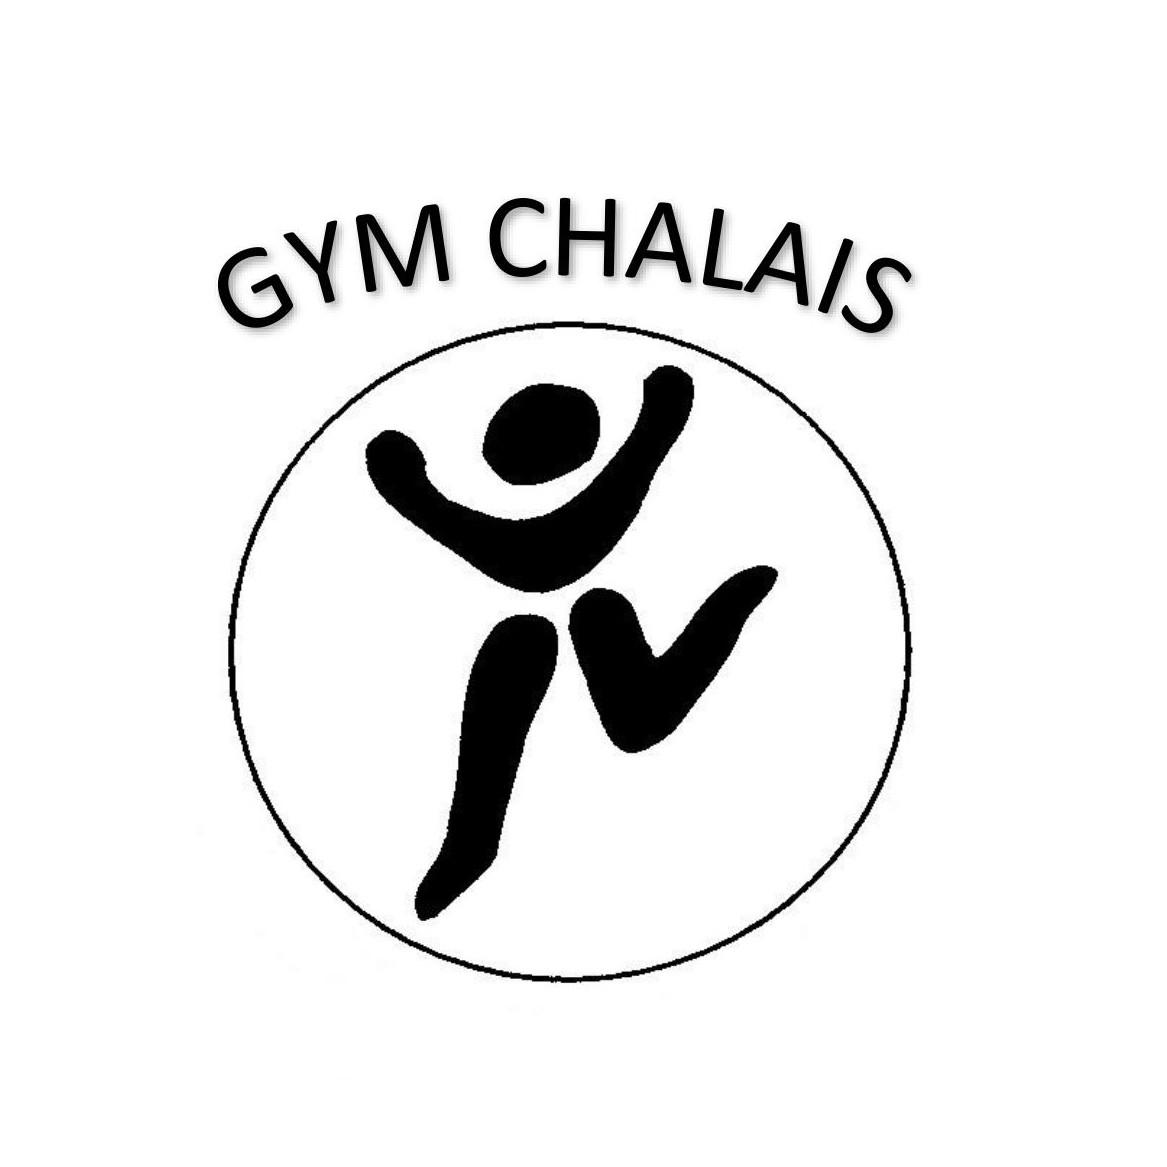 Gym Chalais